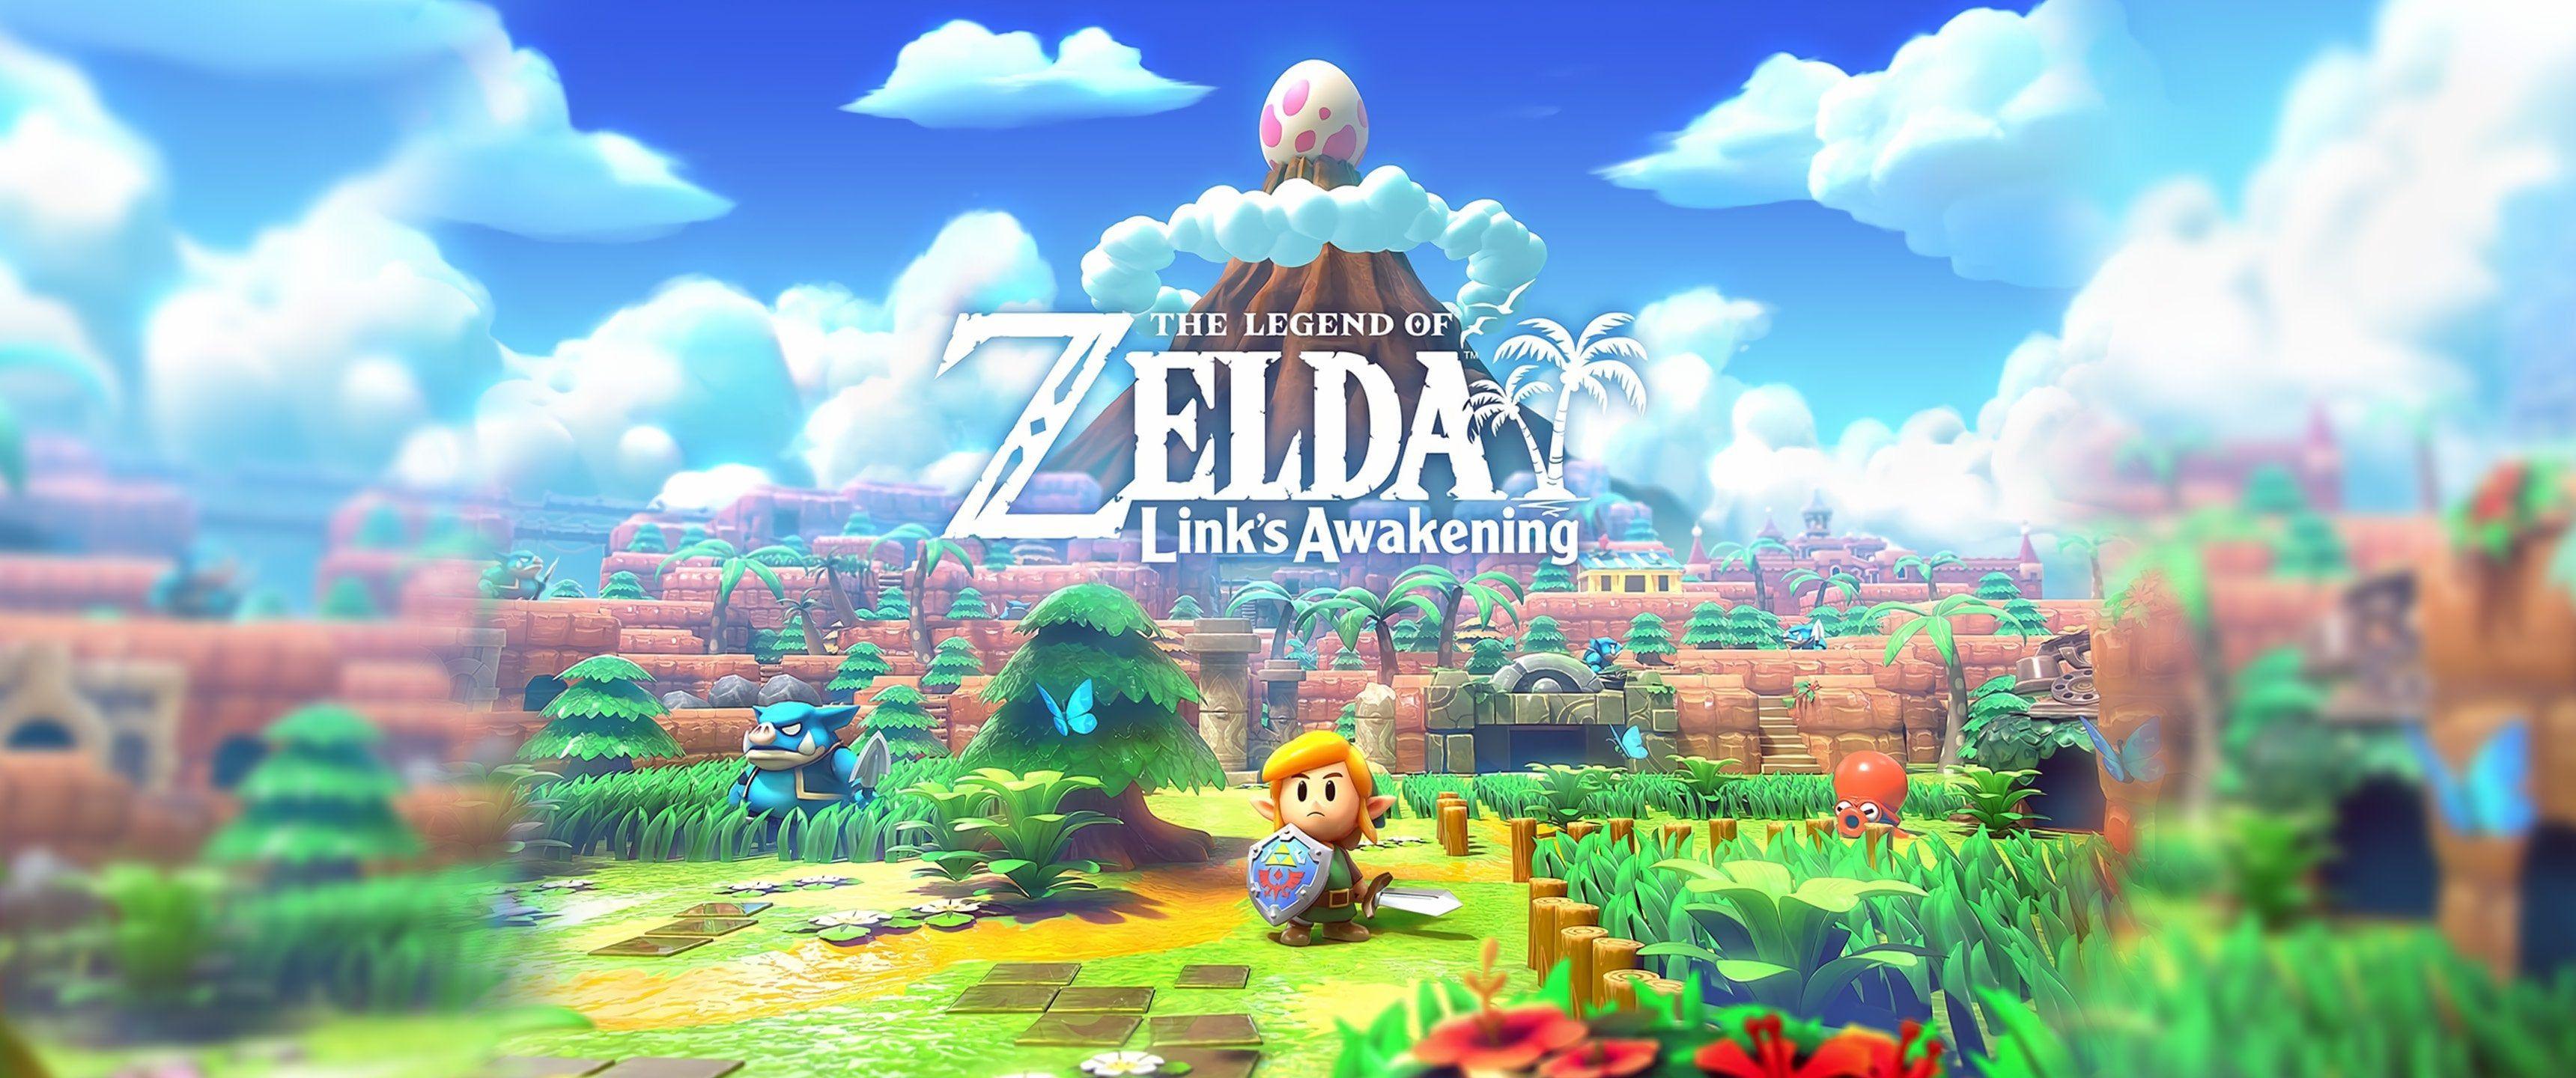 Ultrawide Version Of The Cover Art Wallpaper Art Cover Lahd Ultrawide Version Wallpaper Zelda C Links Awakening Legend Of Zelda Zelda Link S Awakening